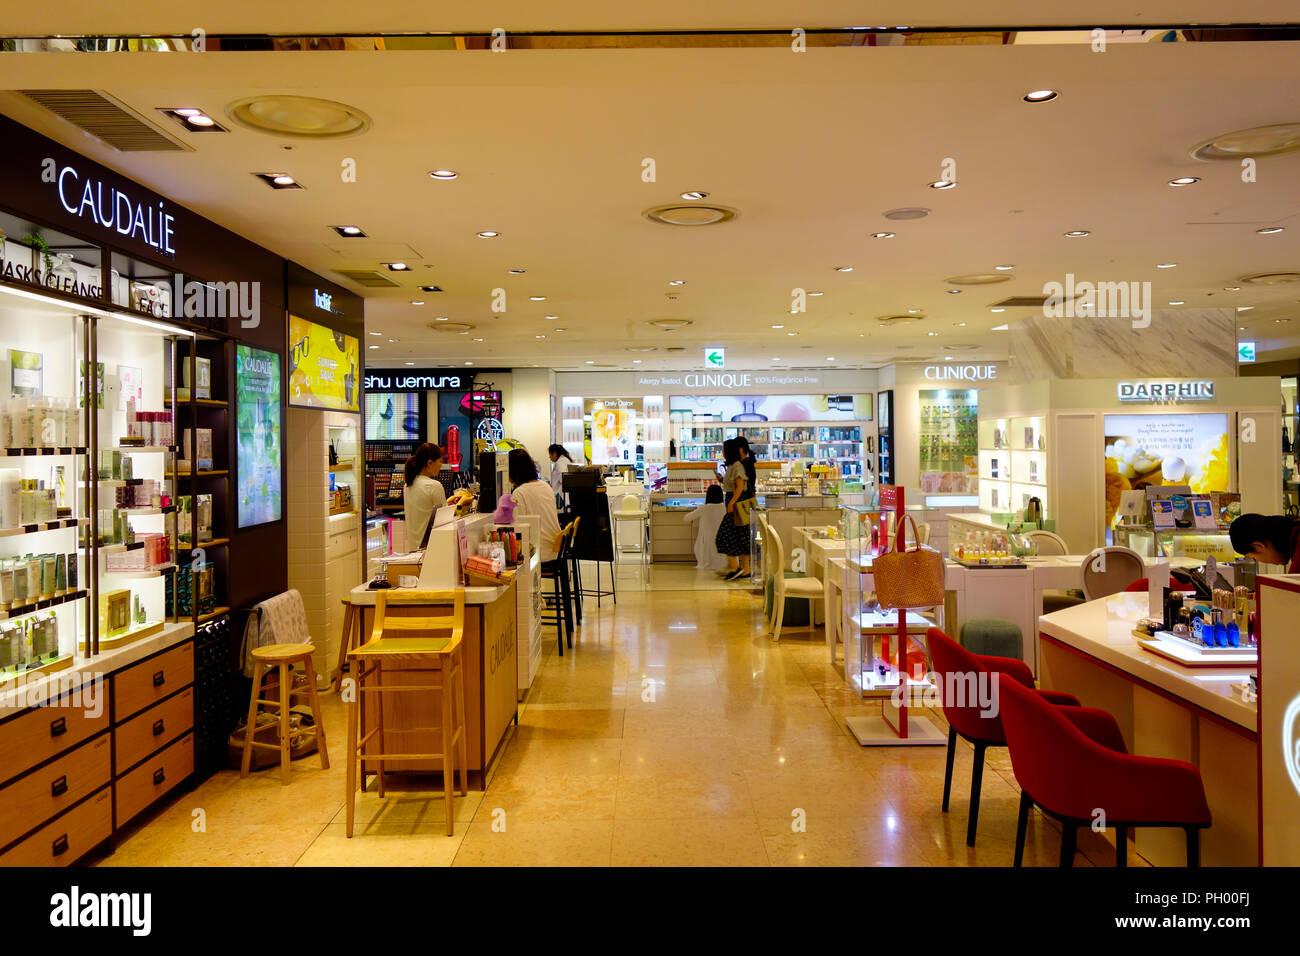 https://c8.alamy.com/compde/ph00fj/interieur-und-verkauf-von-lotte-department-store-myeong-dong-myeongdong-seoul-sudkorea-asien-ph00fj.jpg